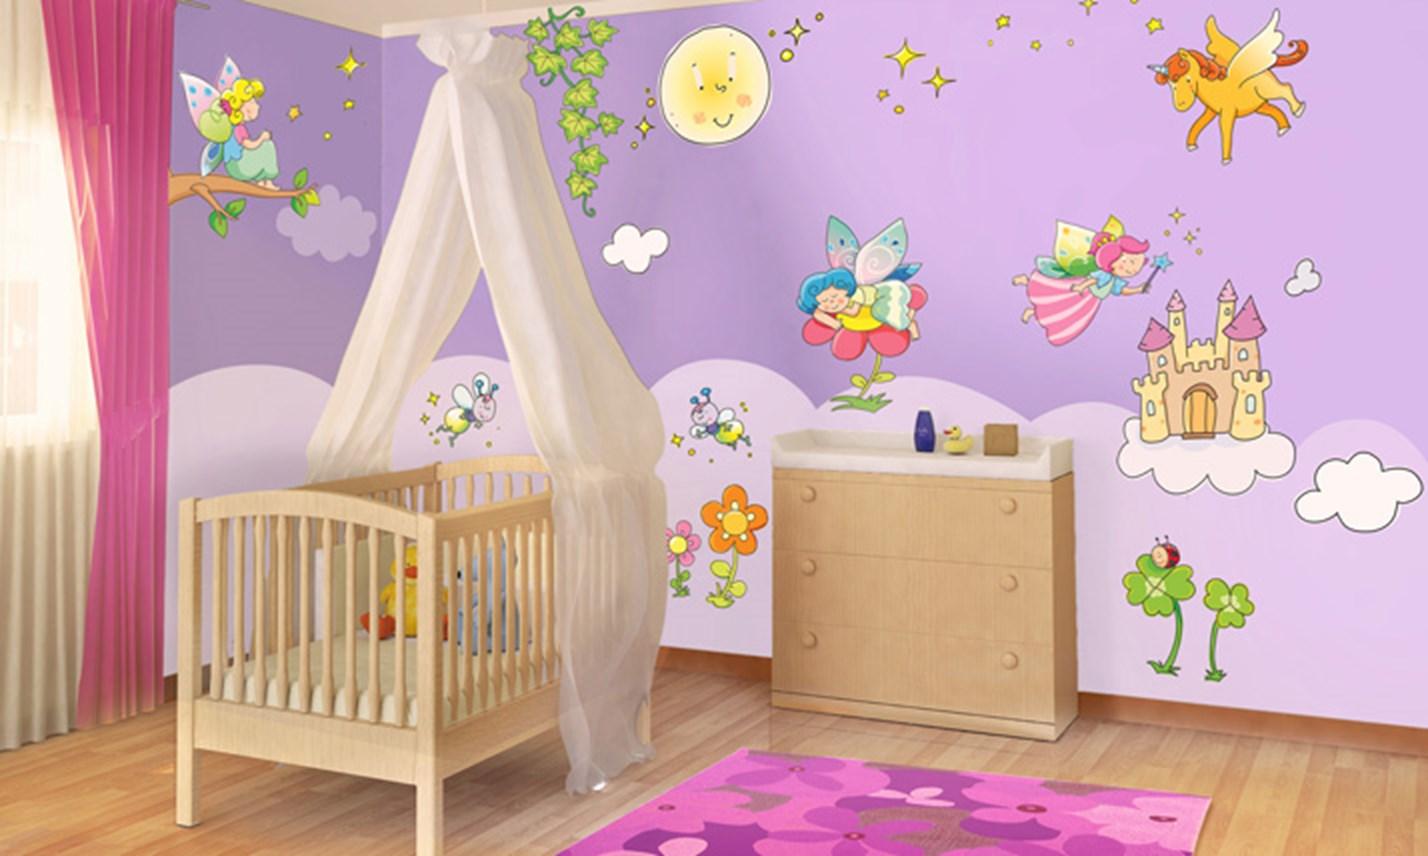 Decorazioni camerette neonato decorazioni cameretta for Decorazioni per camerette